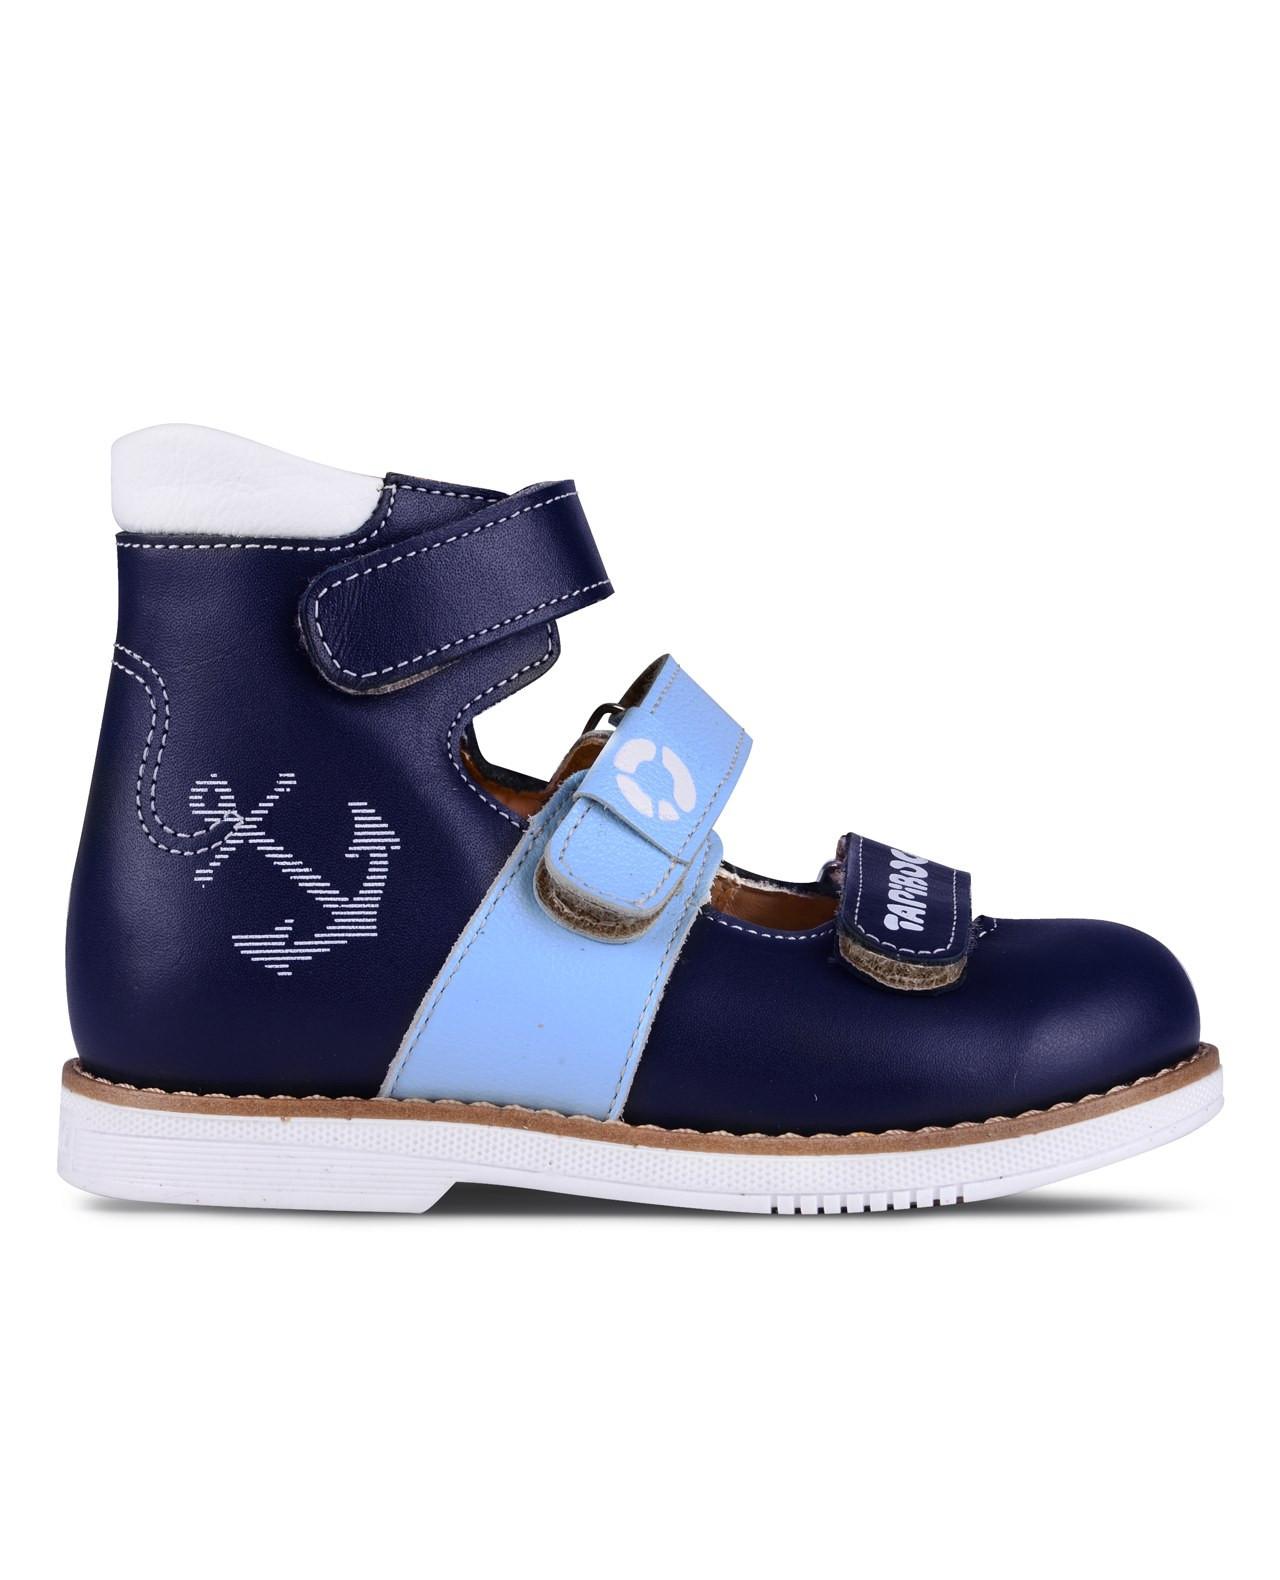 Сандалии Детские, Tapiboo Глубина (48769, 23 )Сандалии<br>Эти ортопедические туфли разработаны для <br>коррекции стоп при вальгусной деформации, <br>а также для профилактики плоскостопия. <br>Применение данной модели рекомендовано <br>детям при наличии сформировавшихся деформаций. <br>При применении данной обуви необходимо <br>использование индивидуальных ортопедических <br>стелек по назначению врача-ортопеда. Жесткий <br>фиксирующий задник увеличенной высоты <br>и возможность регулировки полноты тремя <br>застежками велкро обеспечивают необходимую <br>фиксацию голеностопа в правильном положении. <br>Широкий, устойчивый каблук, специальной <br>конфигурации каблук Томаса. Подкладка из <br>кожи теленка без швов. Кожа теленка обладает <br>повышенной износостойкостью в сочетании <br>с мягкостью и отличной способностью пропускать <br>воздух для создания оптимального температурного <br>режима (нога не потеет). На стельке нет выкладки <br>продольного свода (супинатора), модель предназначена <br>для использования с вкладными ортопедическими <br>приспособлениями.<br>Размер INT: M; Цвет: Красный; Ширина: 100; Высота: 200; Вес: 1000;